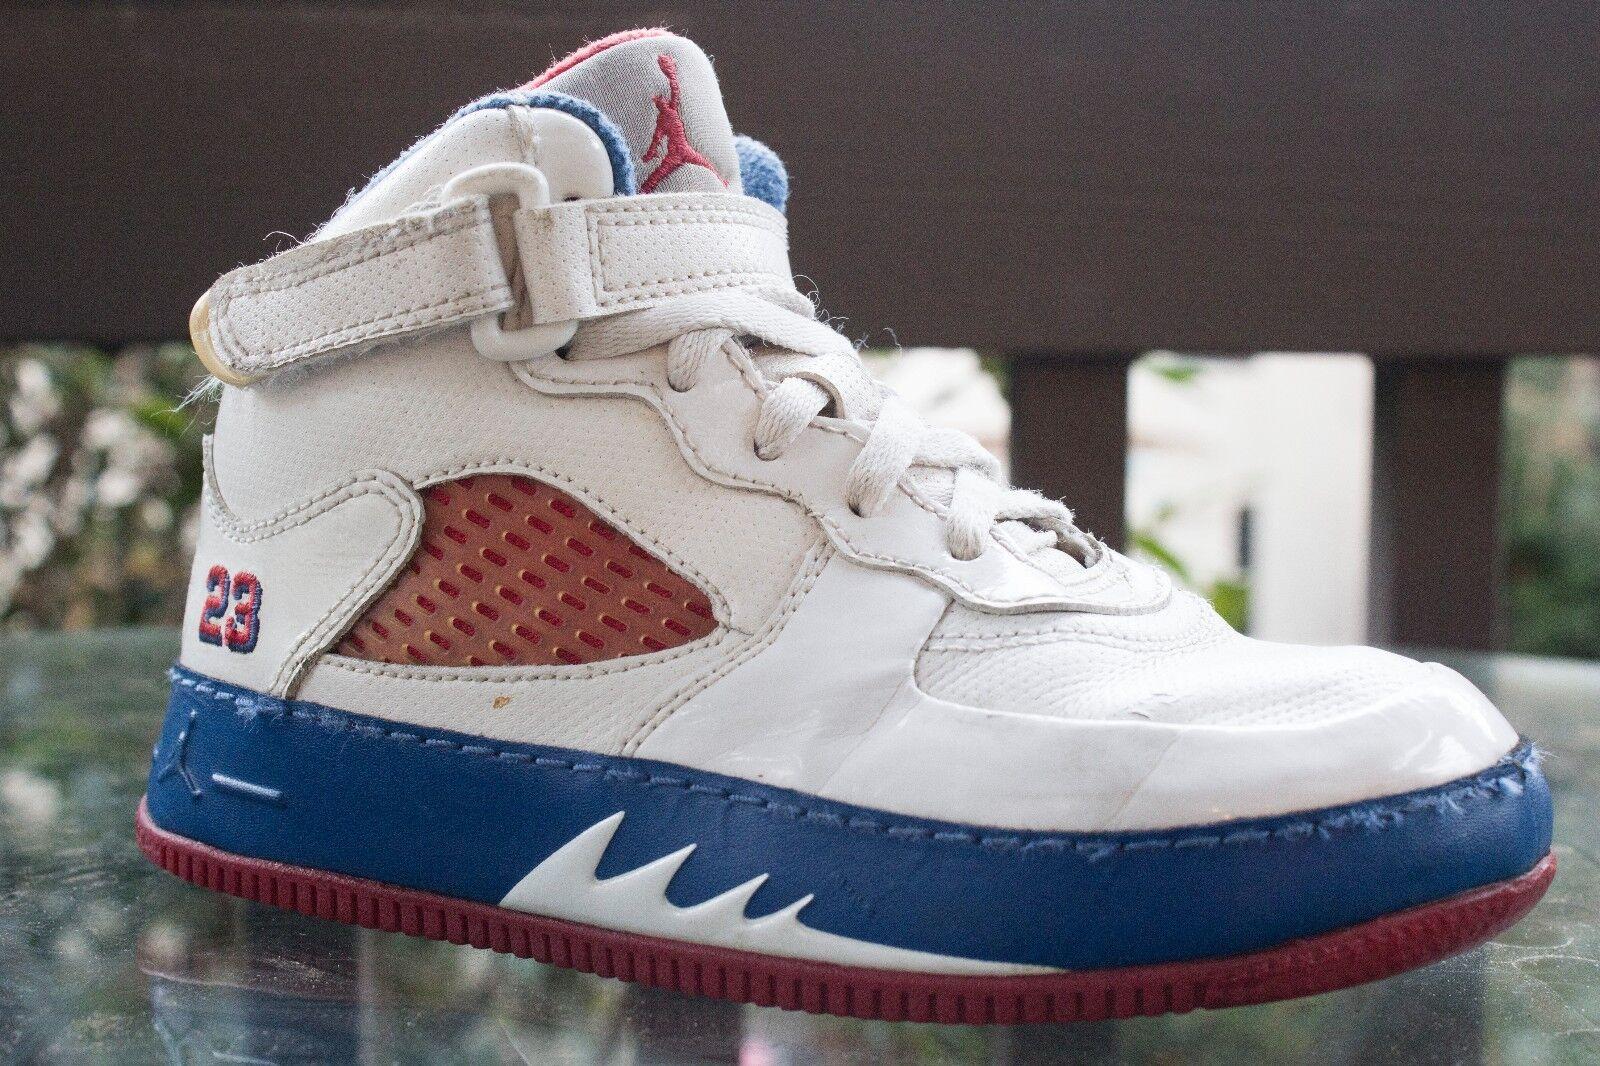 Nike Air Jordan Retro V White / Varsity Red / Blue 318610 162 Kids Sz 13C